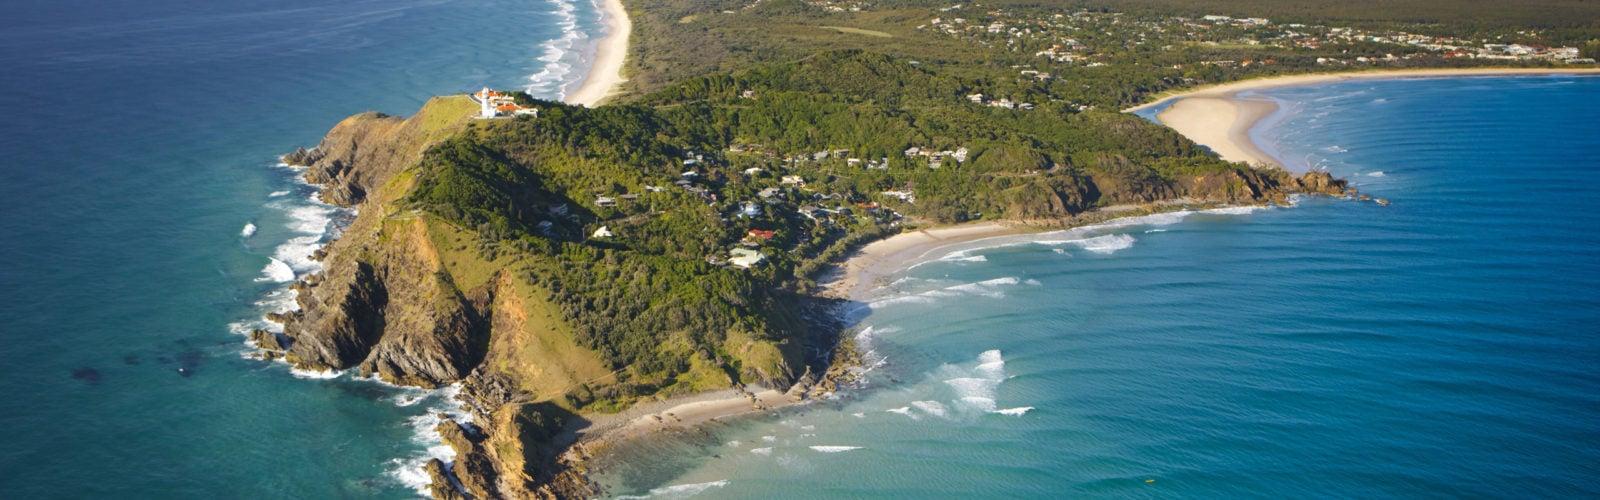 Byron Bay Australia Headland